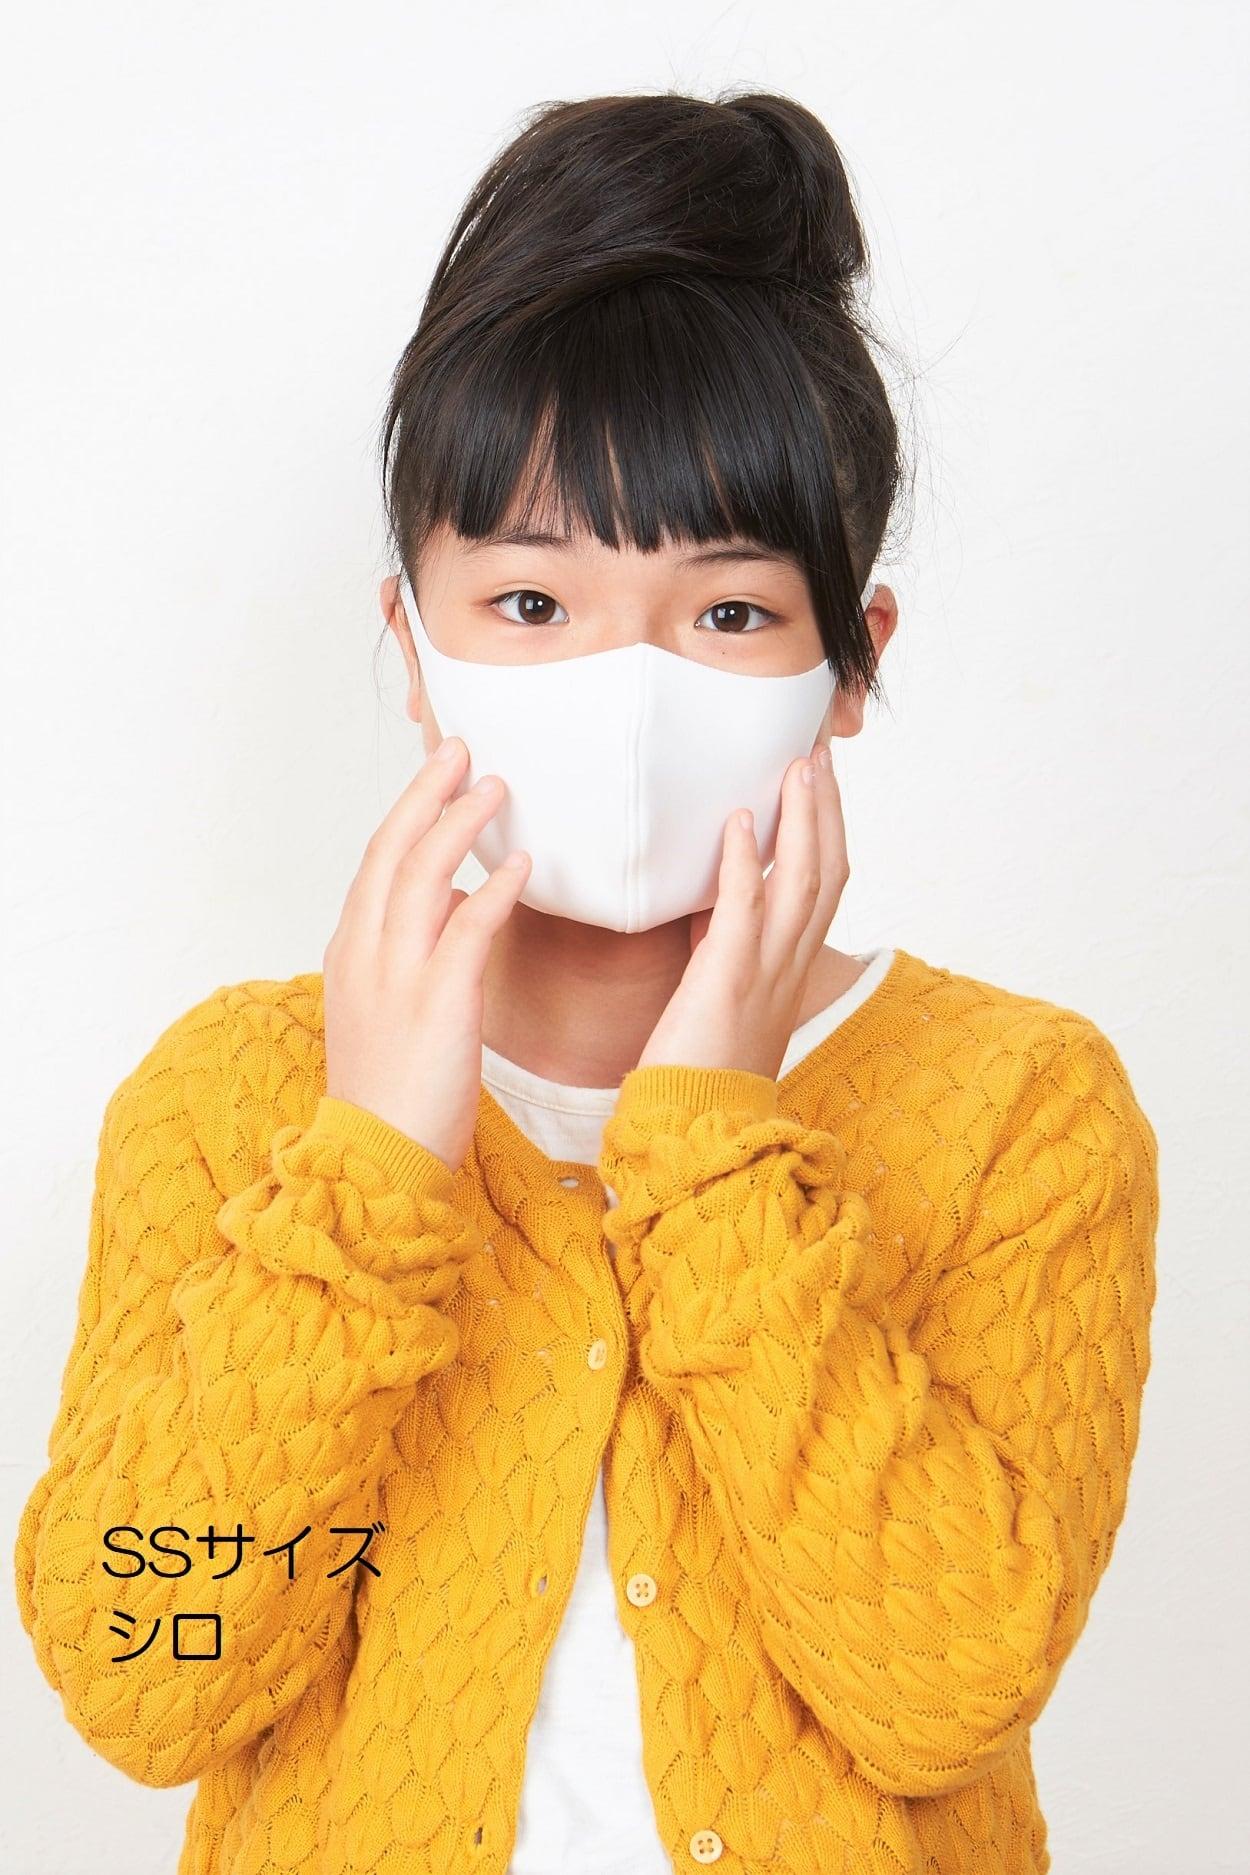 新「ぷるピッタ」®マスク SSサイズ 無地2枚組 しっとり保湿・UVカット・ワイヤー同封 日本製